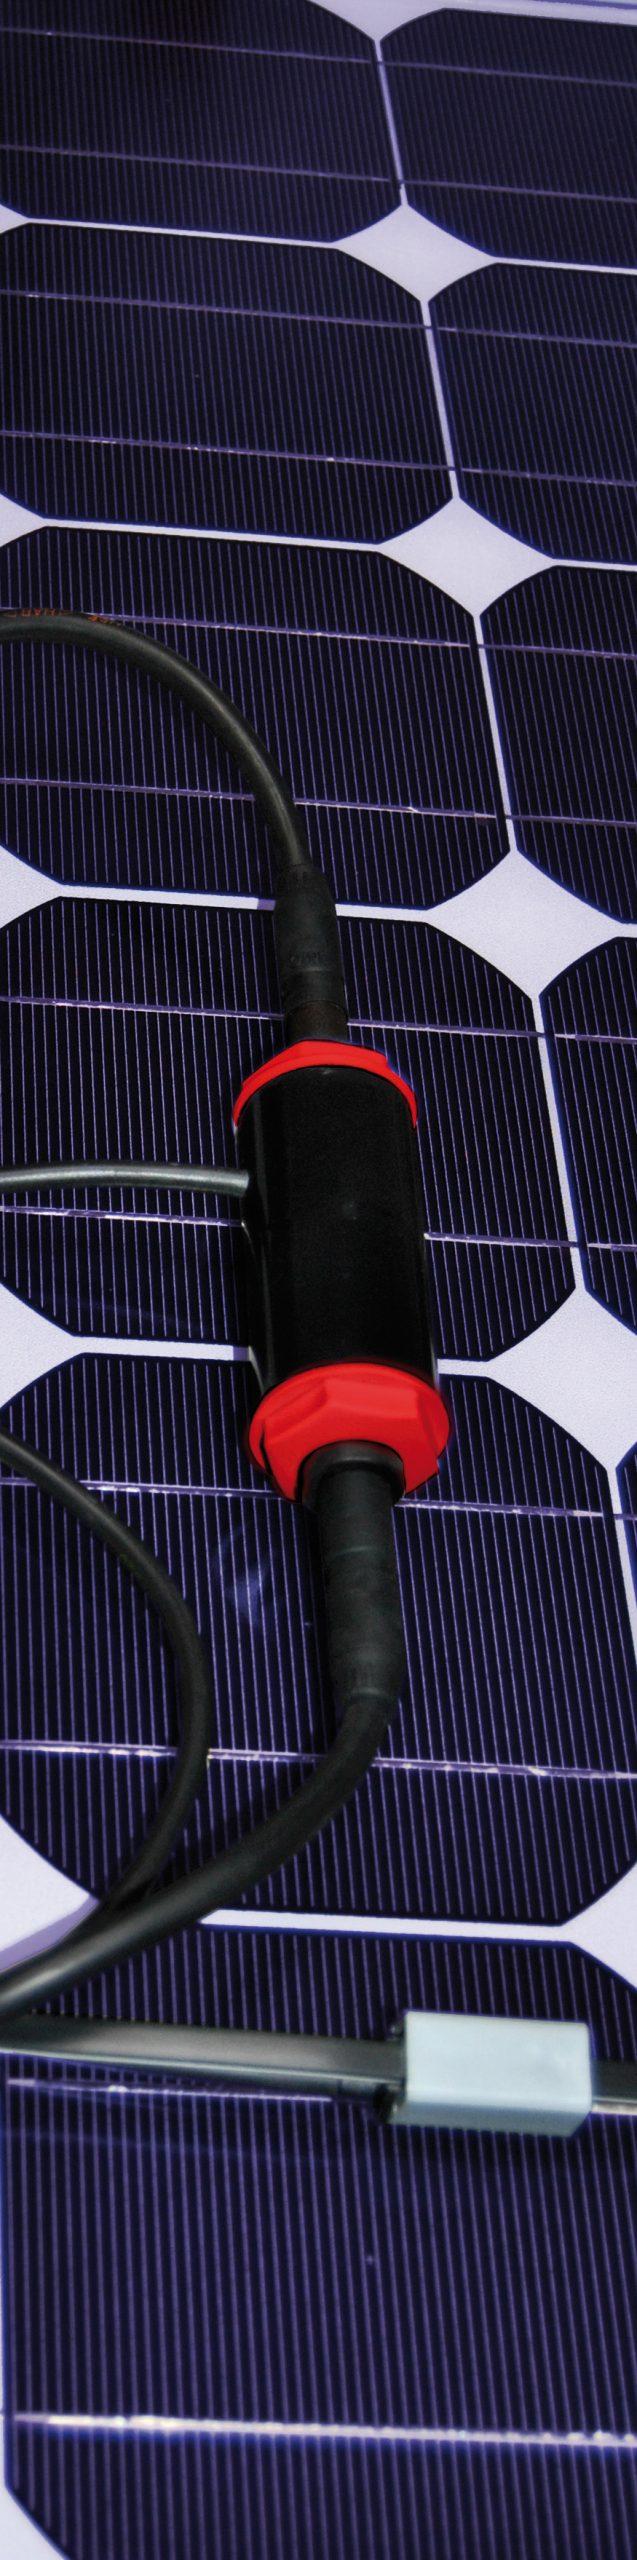 Eulektra FireSecSwitch trennt Photovoltaikmodule vom Stromkreis